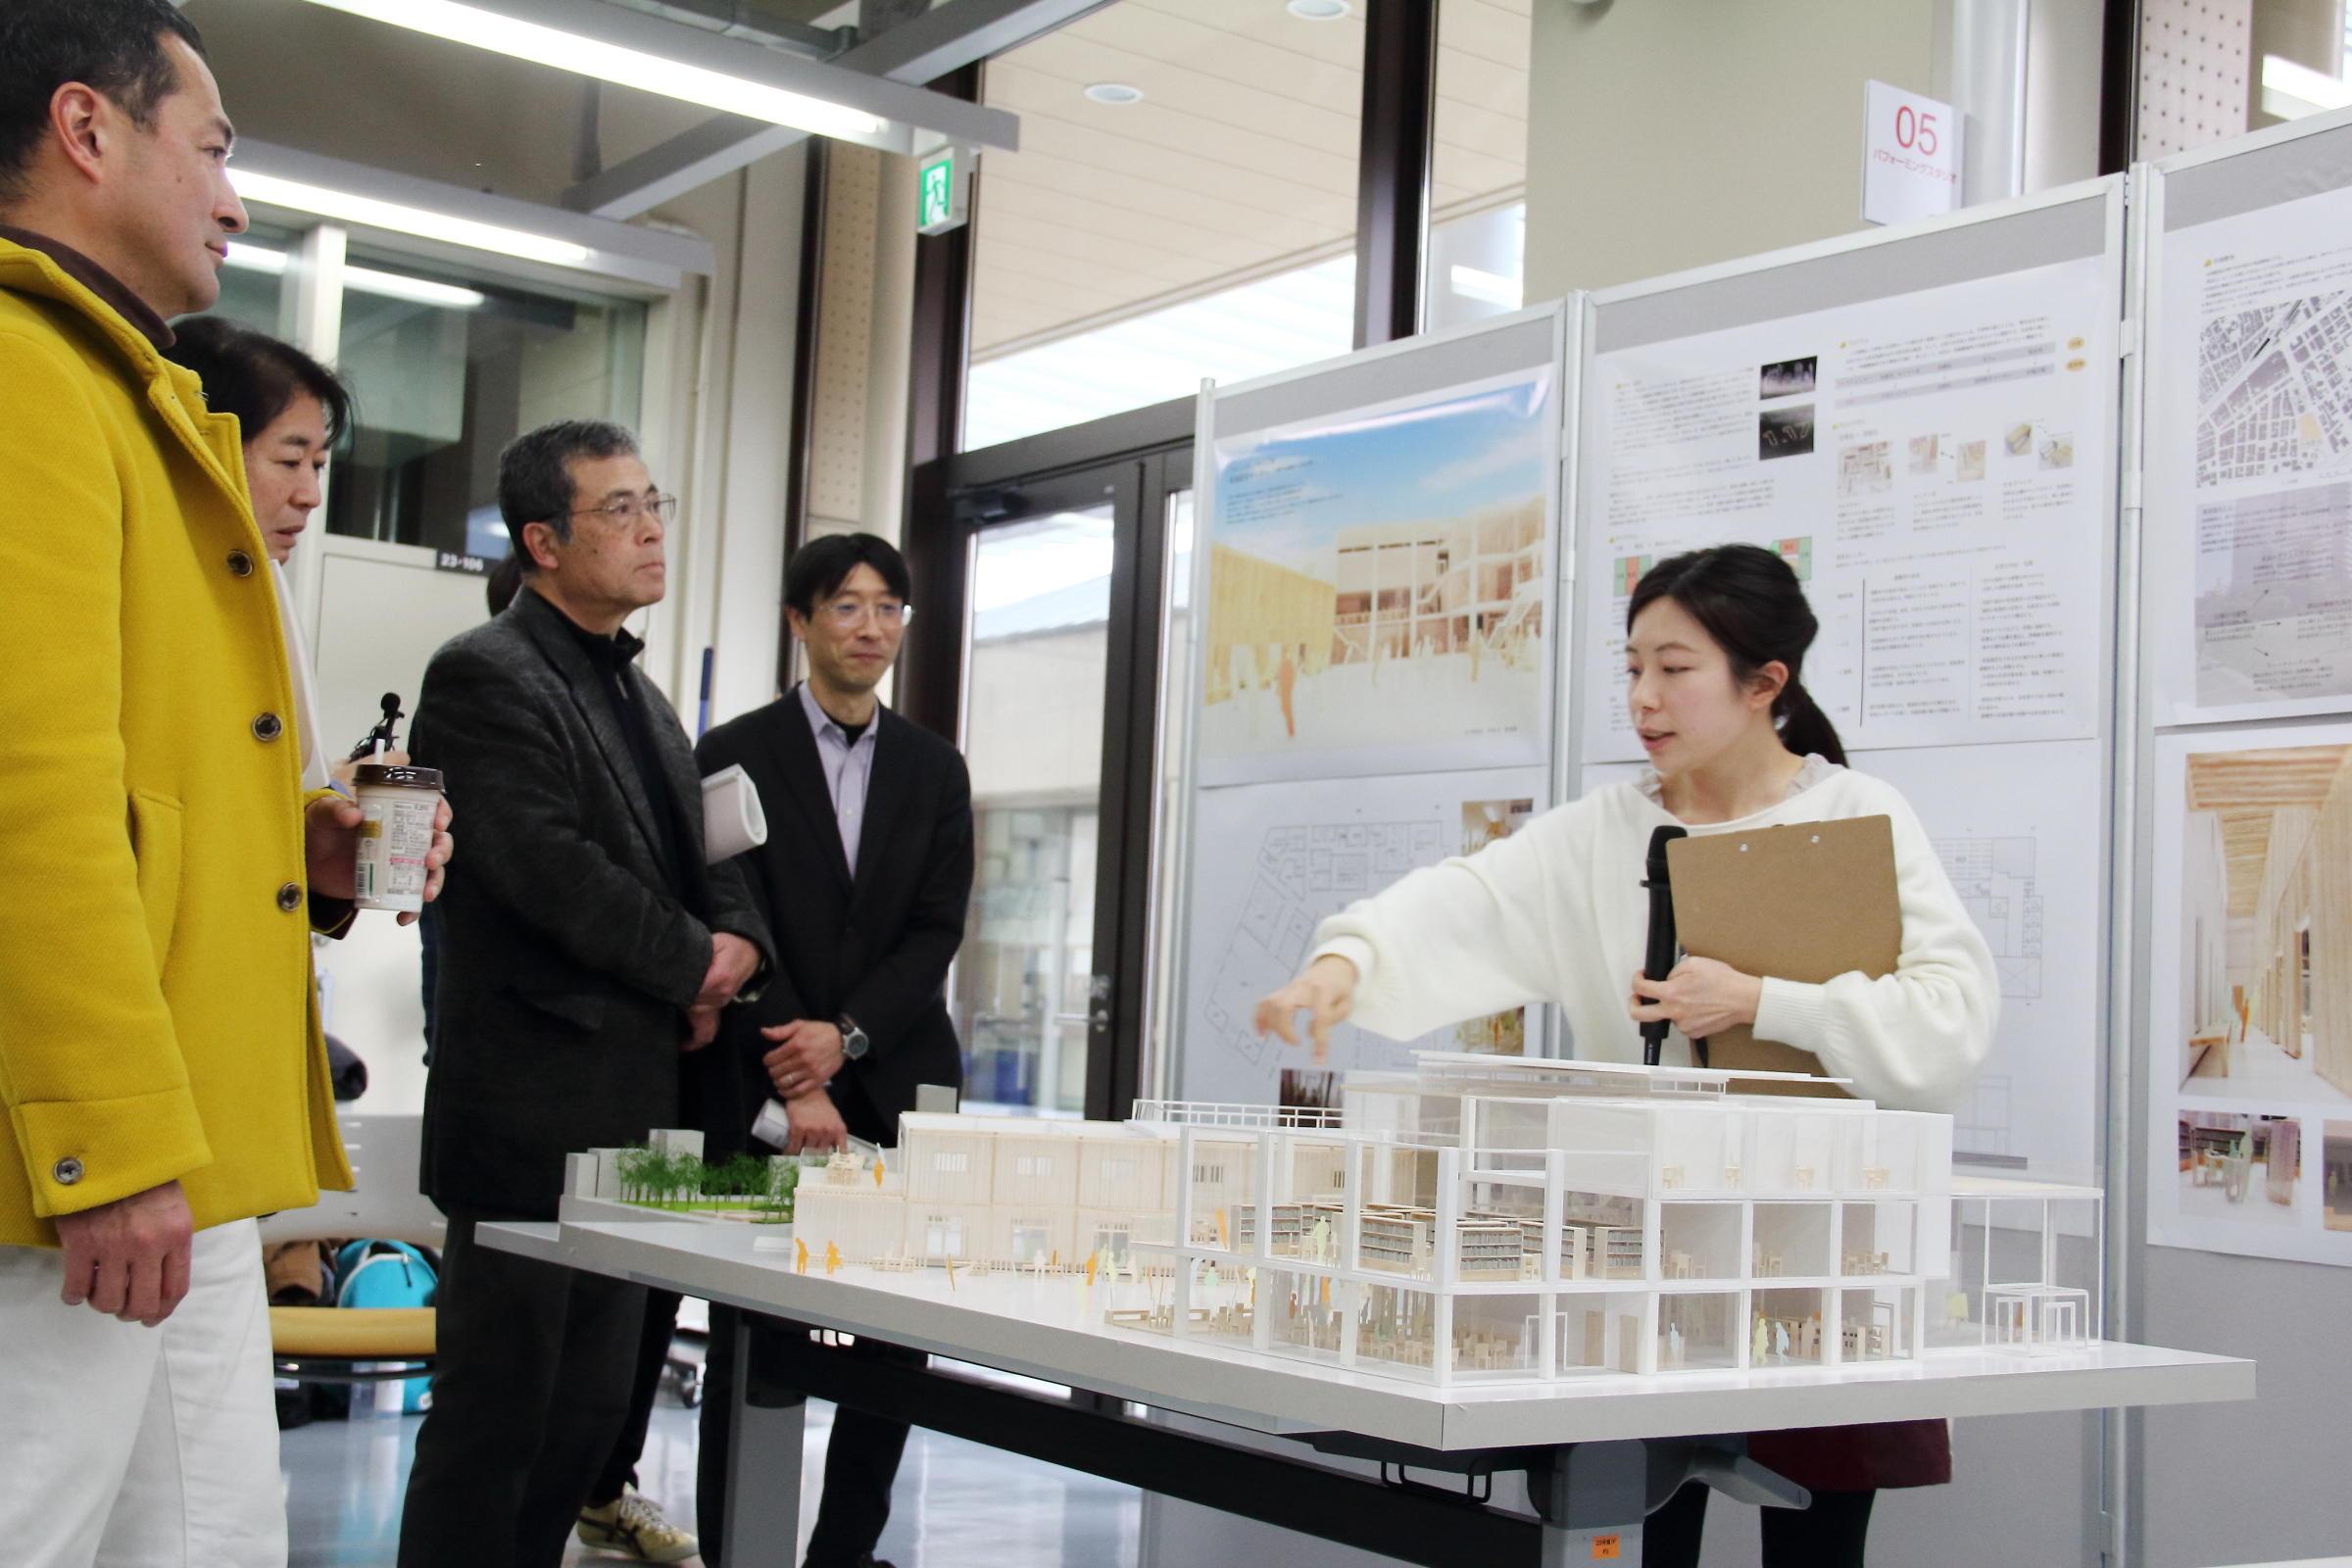 金沢工業大学が「平成29年度プロジェクトデザインIII公開発表審査会」 を開催